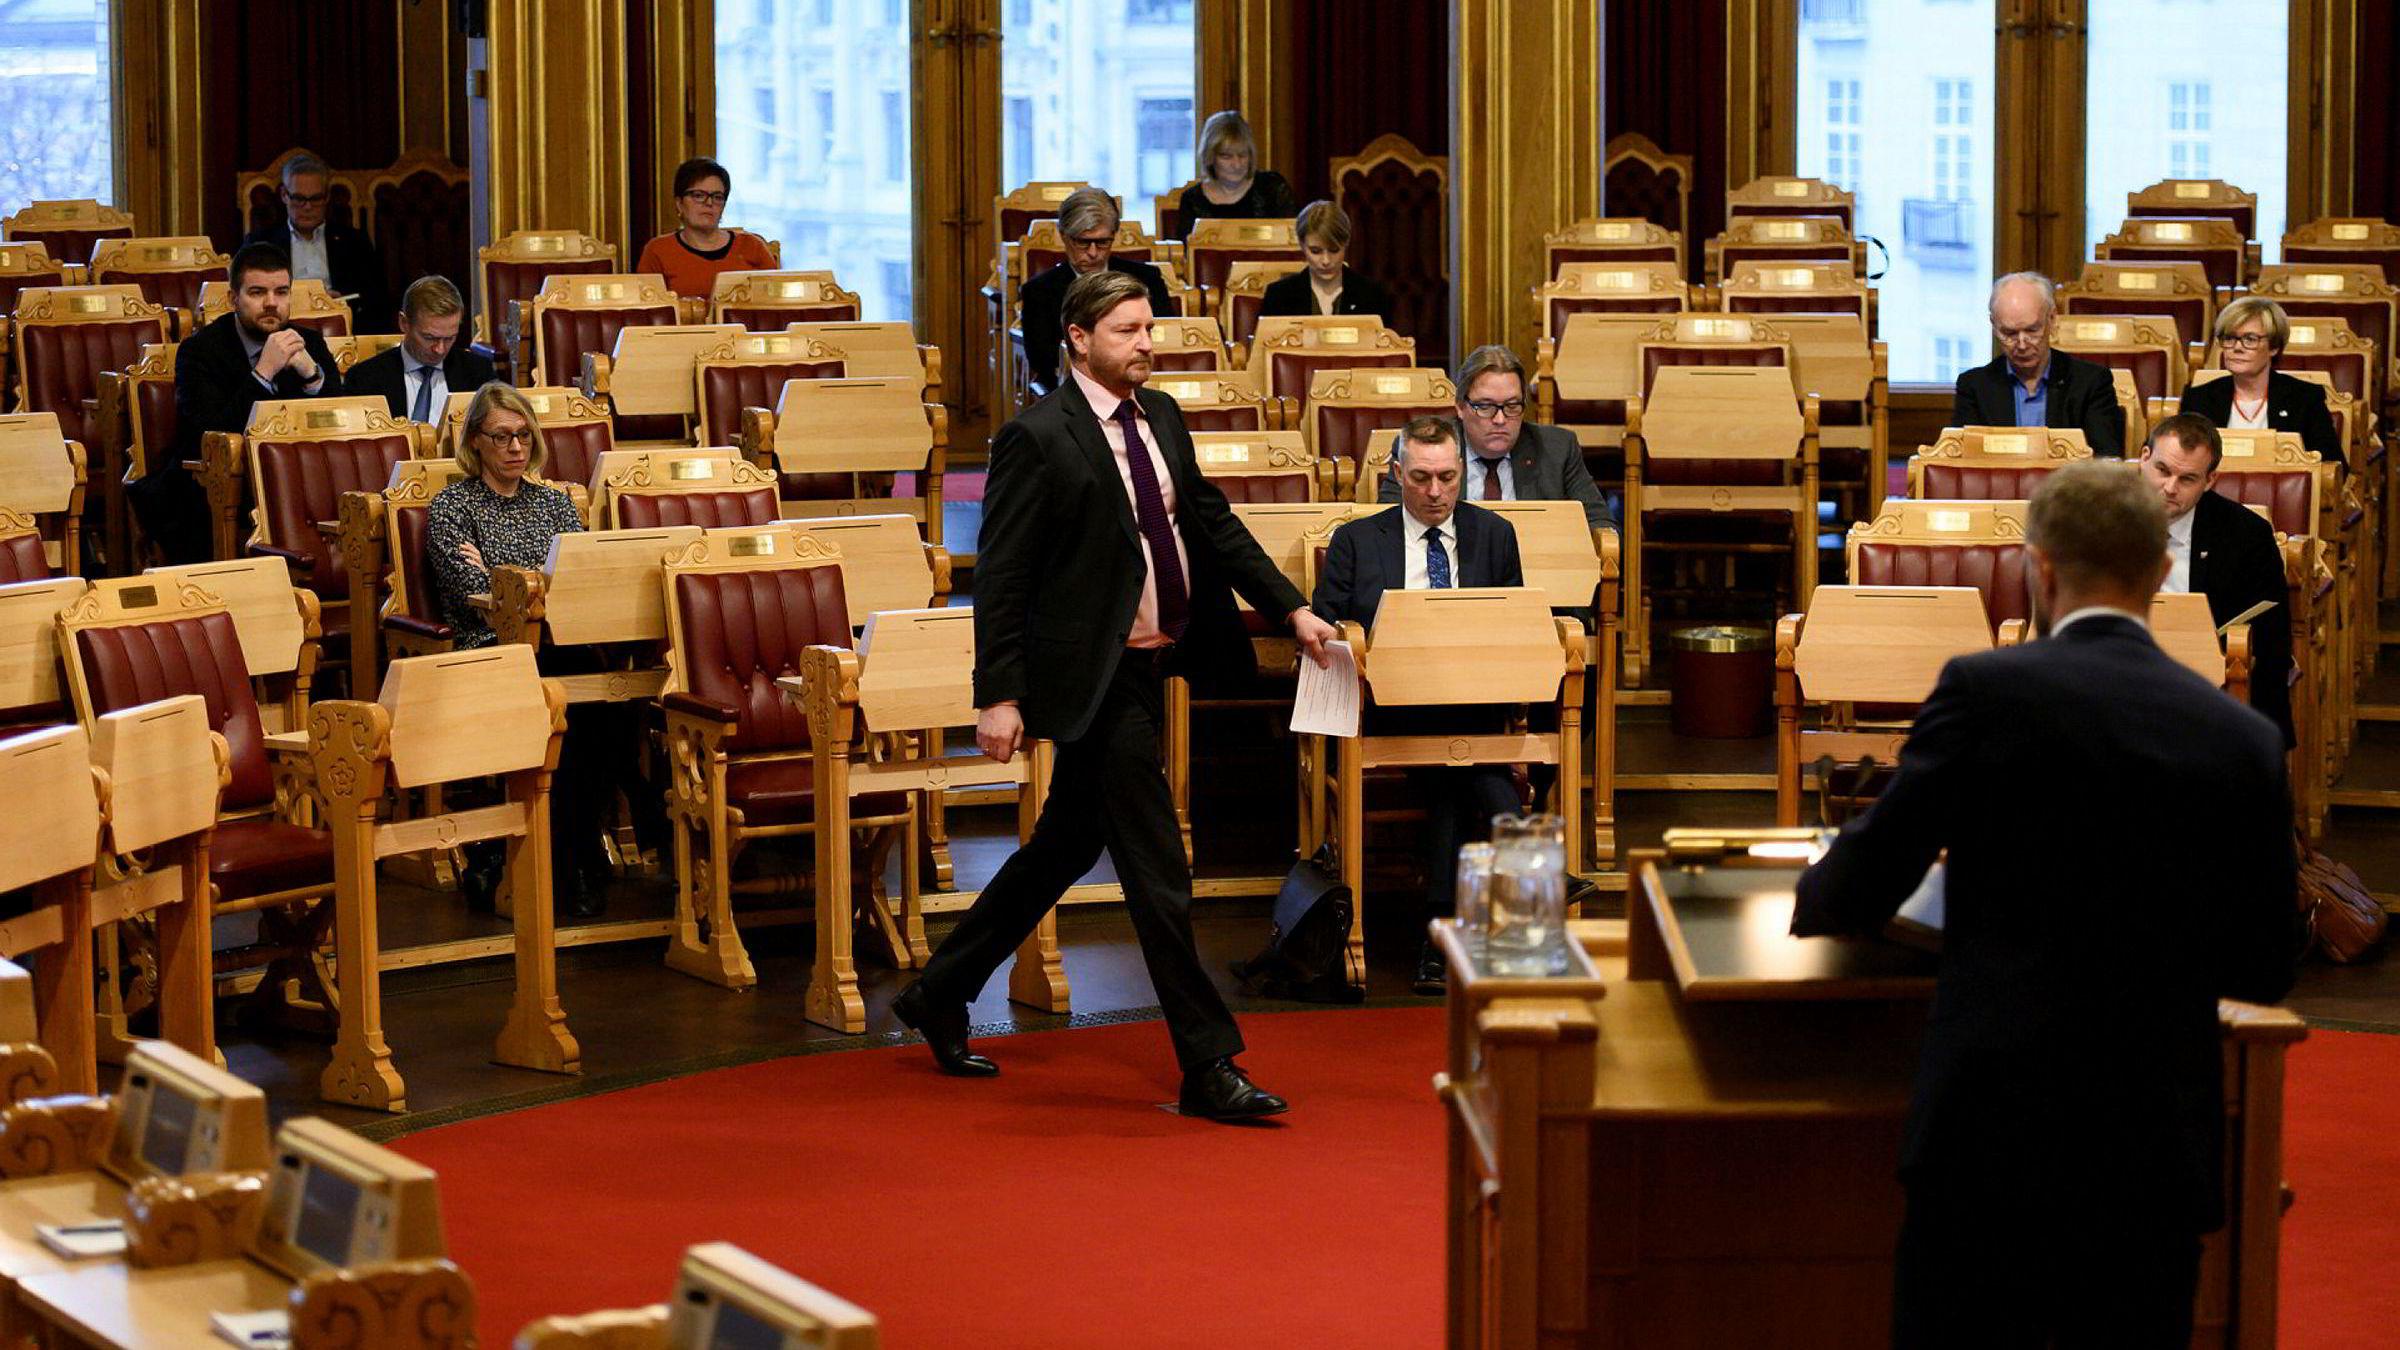 For første gang siden mai 2013 stilte Fremskrittspartiet spørsmål i spontanspørretimen onsdag. Æren gikk til Christian Tybring-Gjedde.